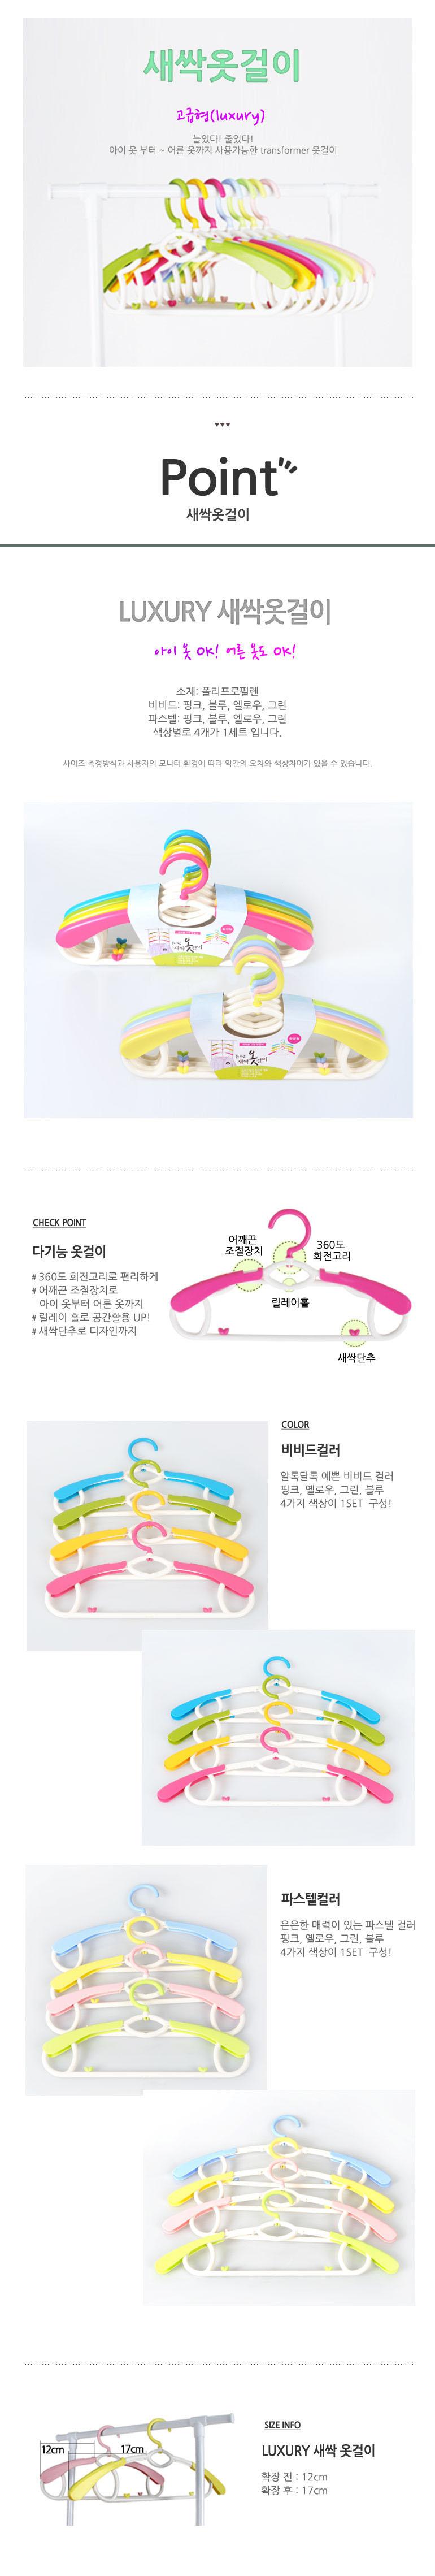 새싹 옷걸이(고급) - 큐브스튜디오, 7,600원, 행거/드레스룸/옷걸이, 옷걸이/플라스틱